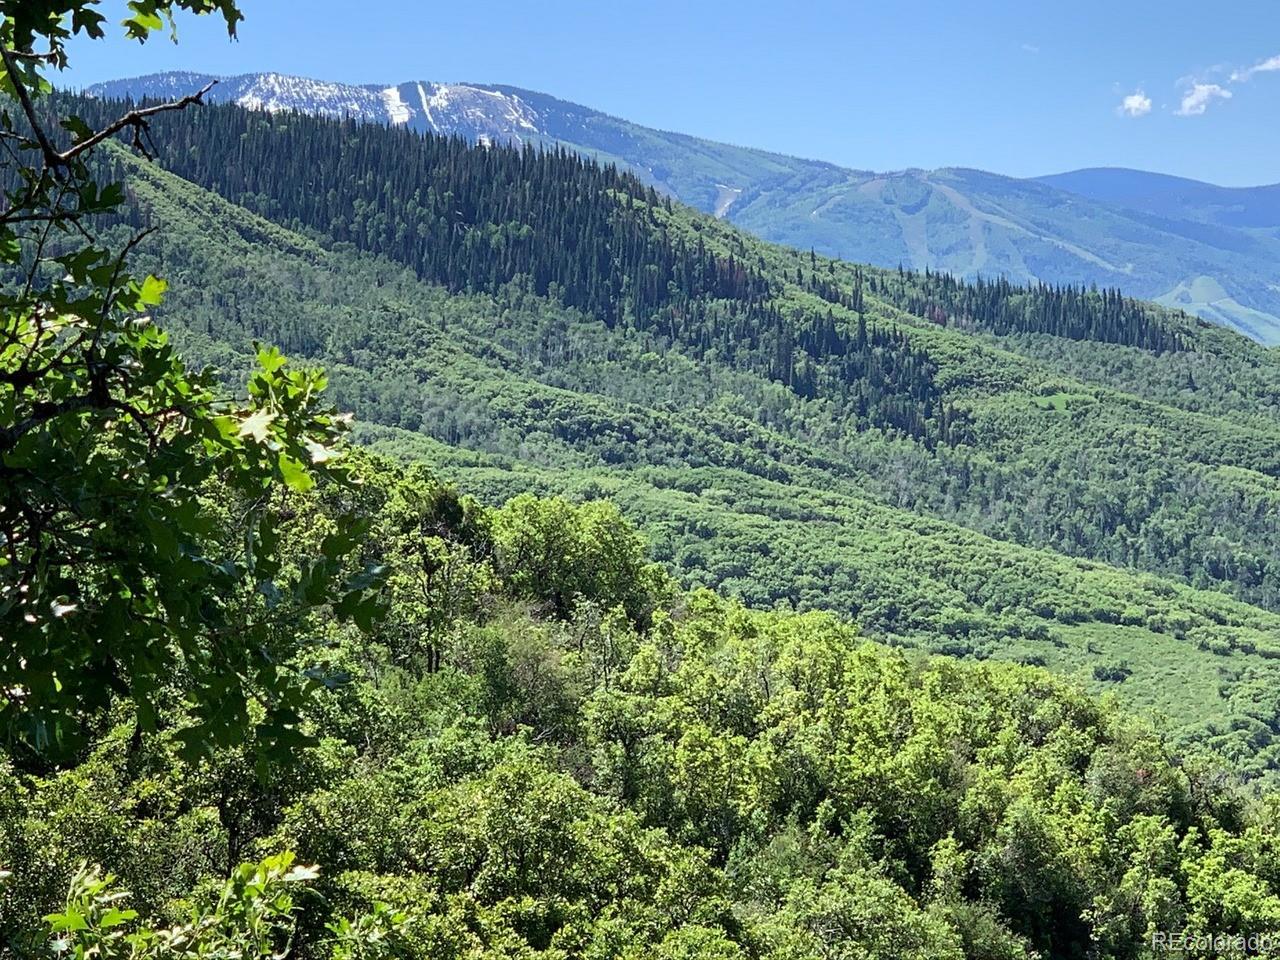 MLS# 4125204 - 2 - 32820 S Elk Drive, Steamboat Springs, CO 80487